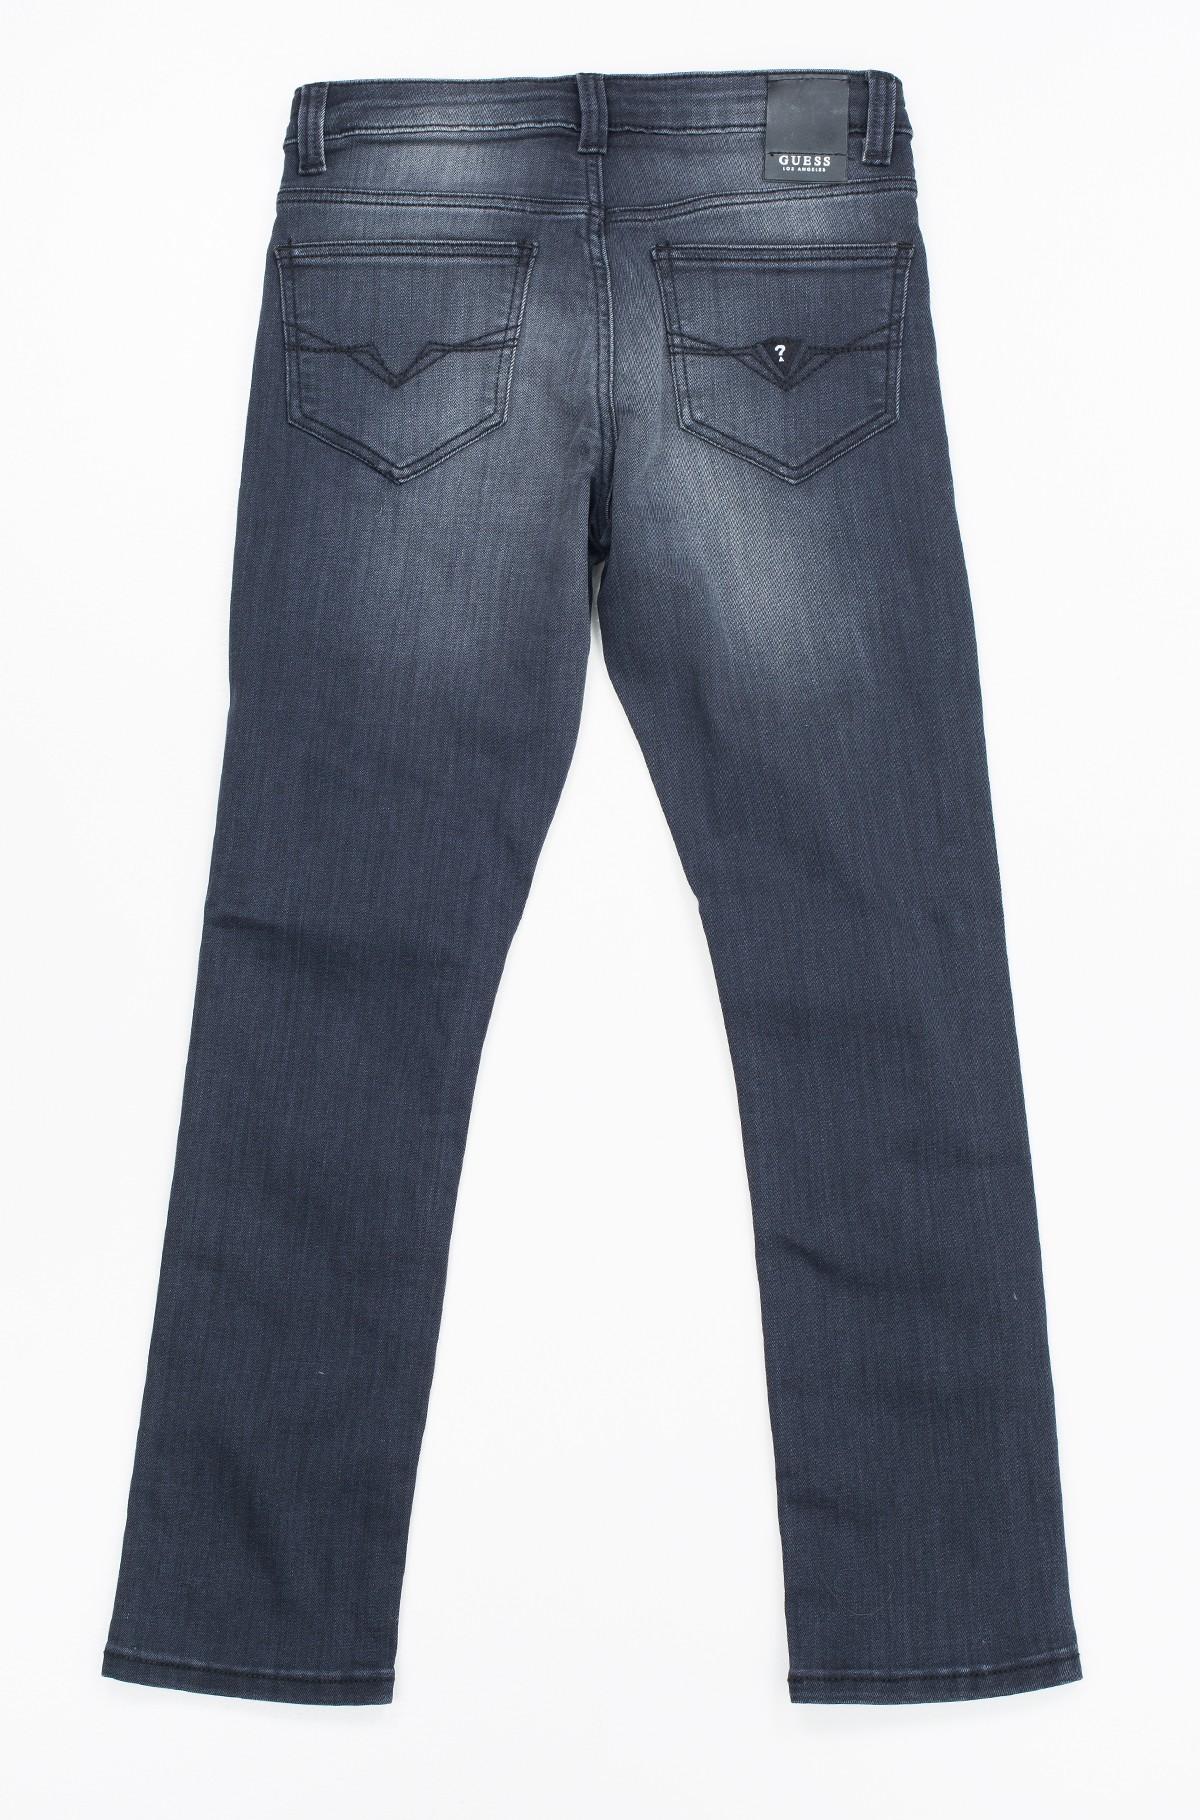 Vaikiškos džinsinės kelnės L74A04 -full-2